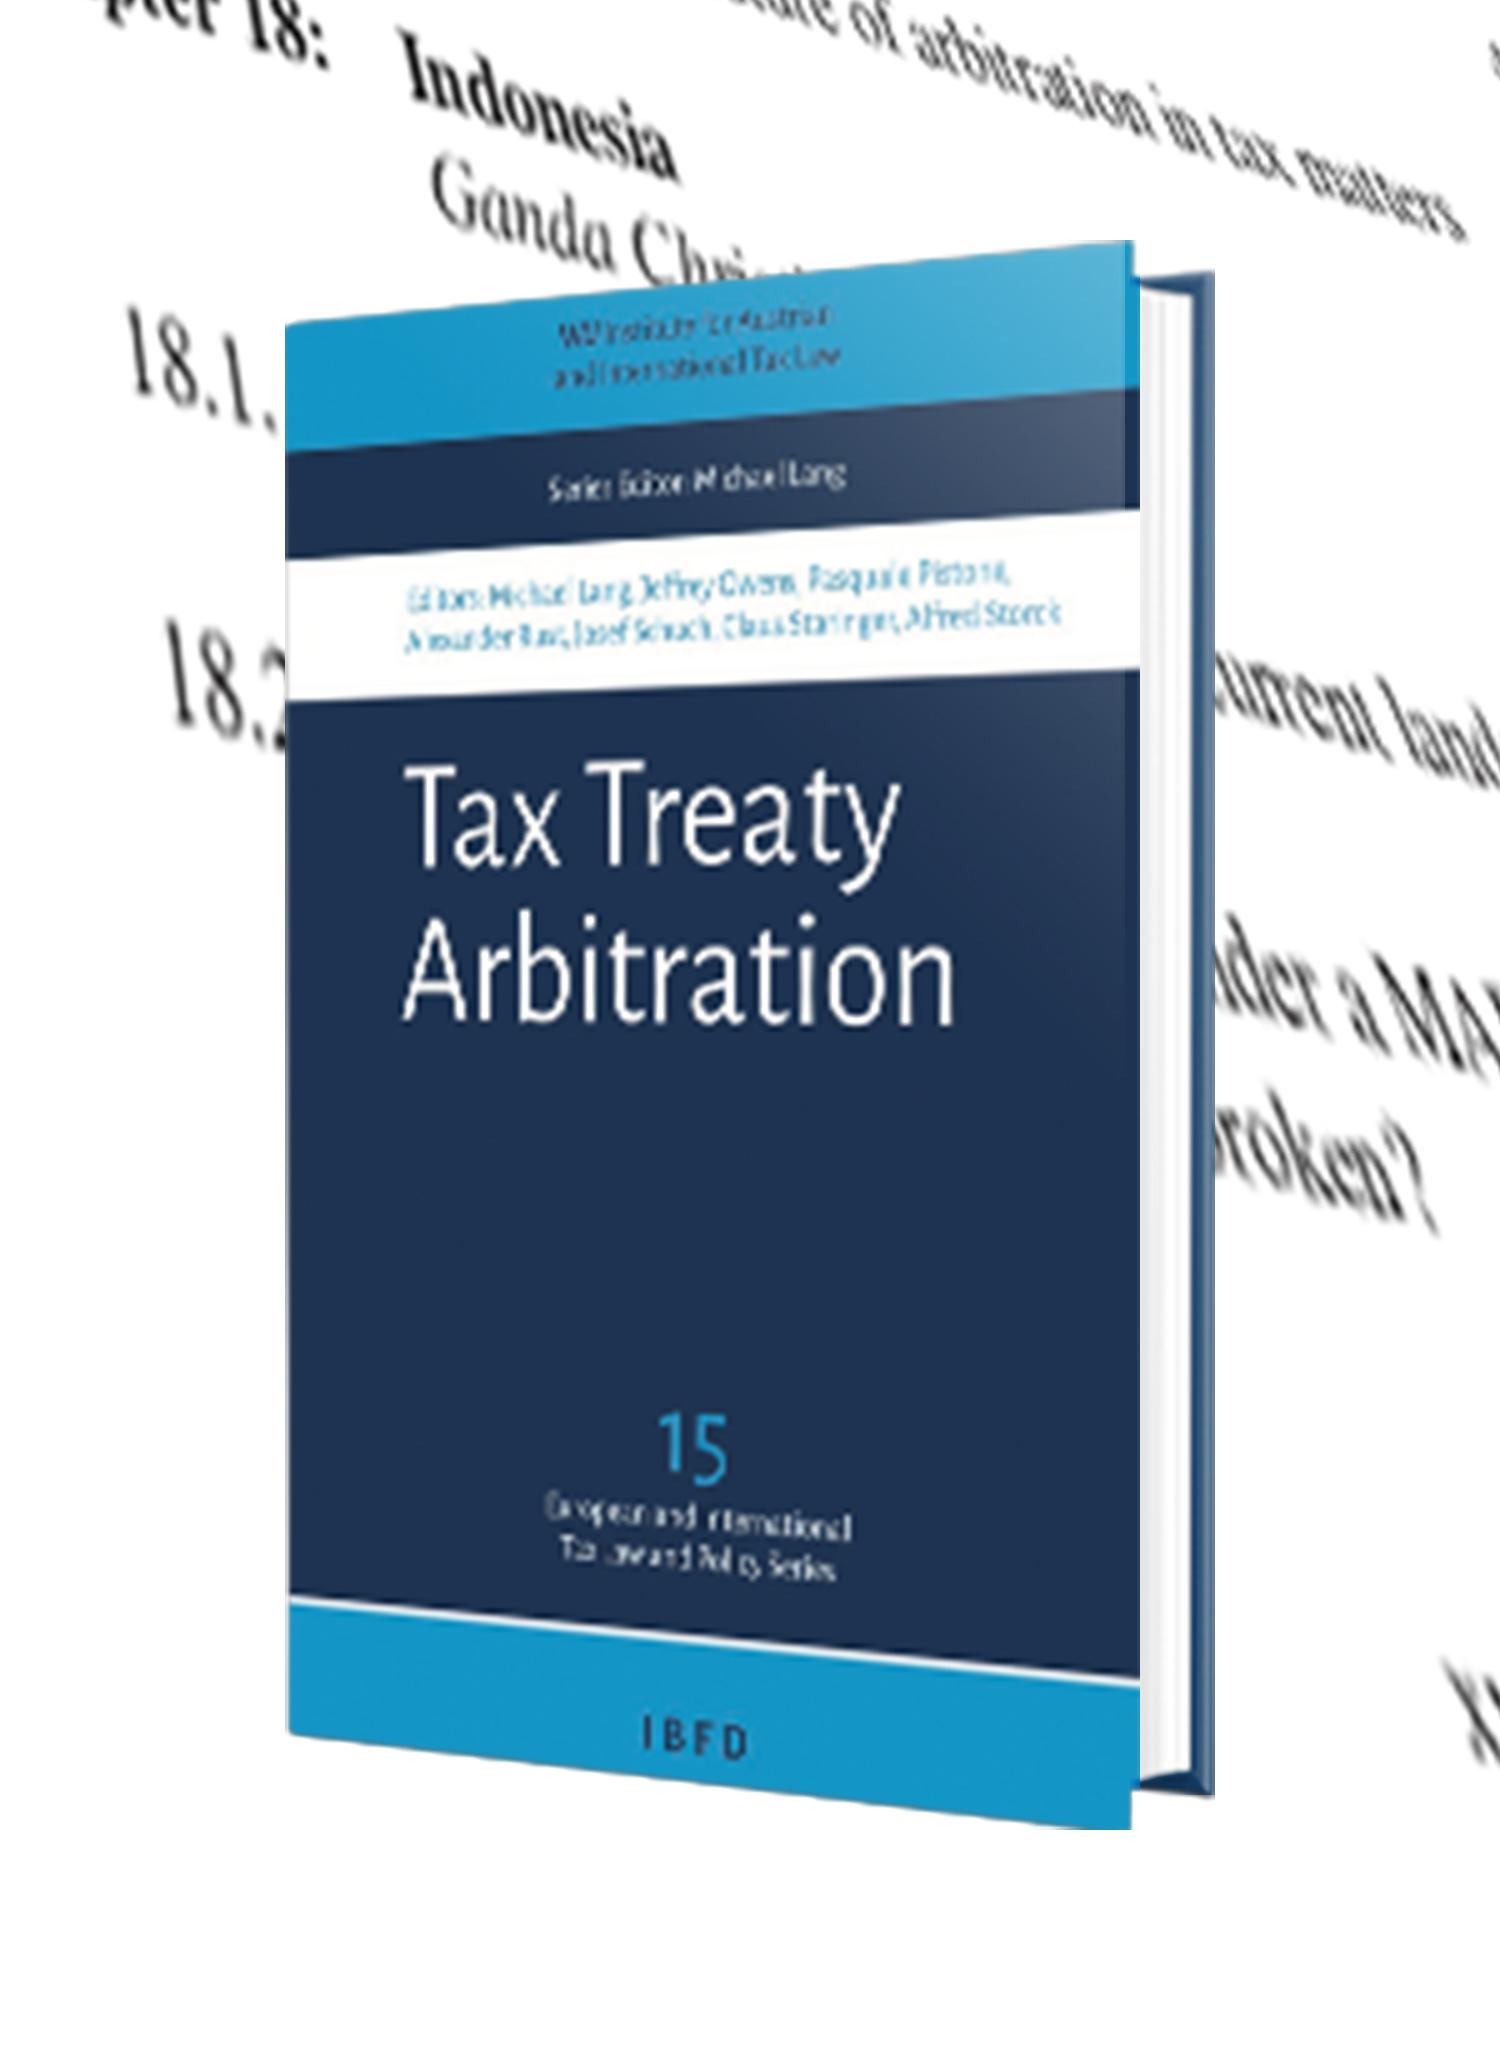 Tax Treaty Arbitration